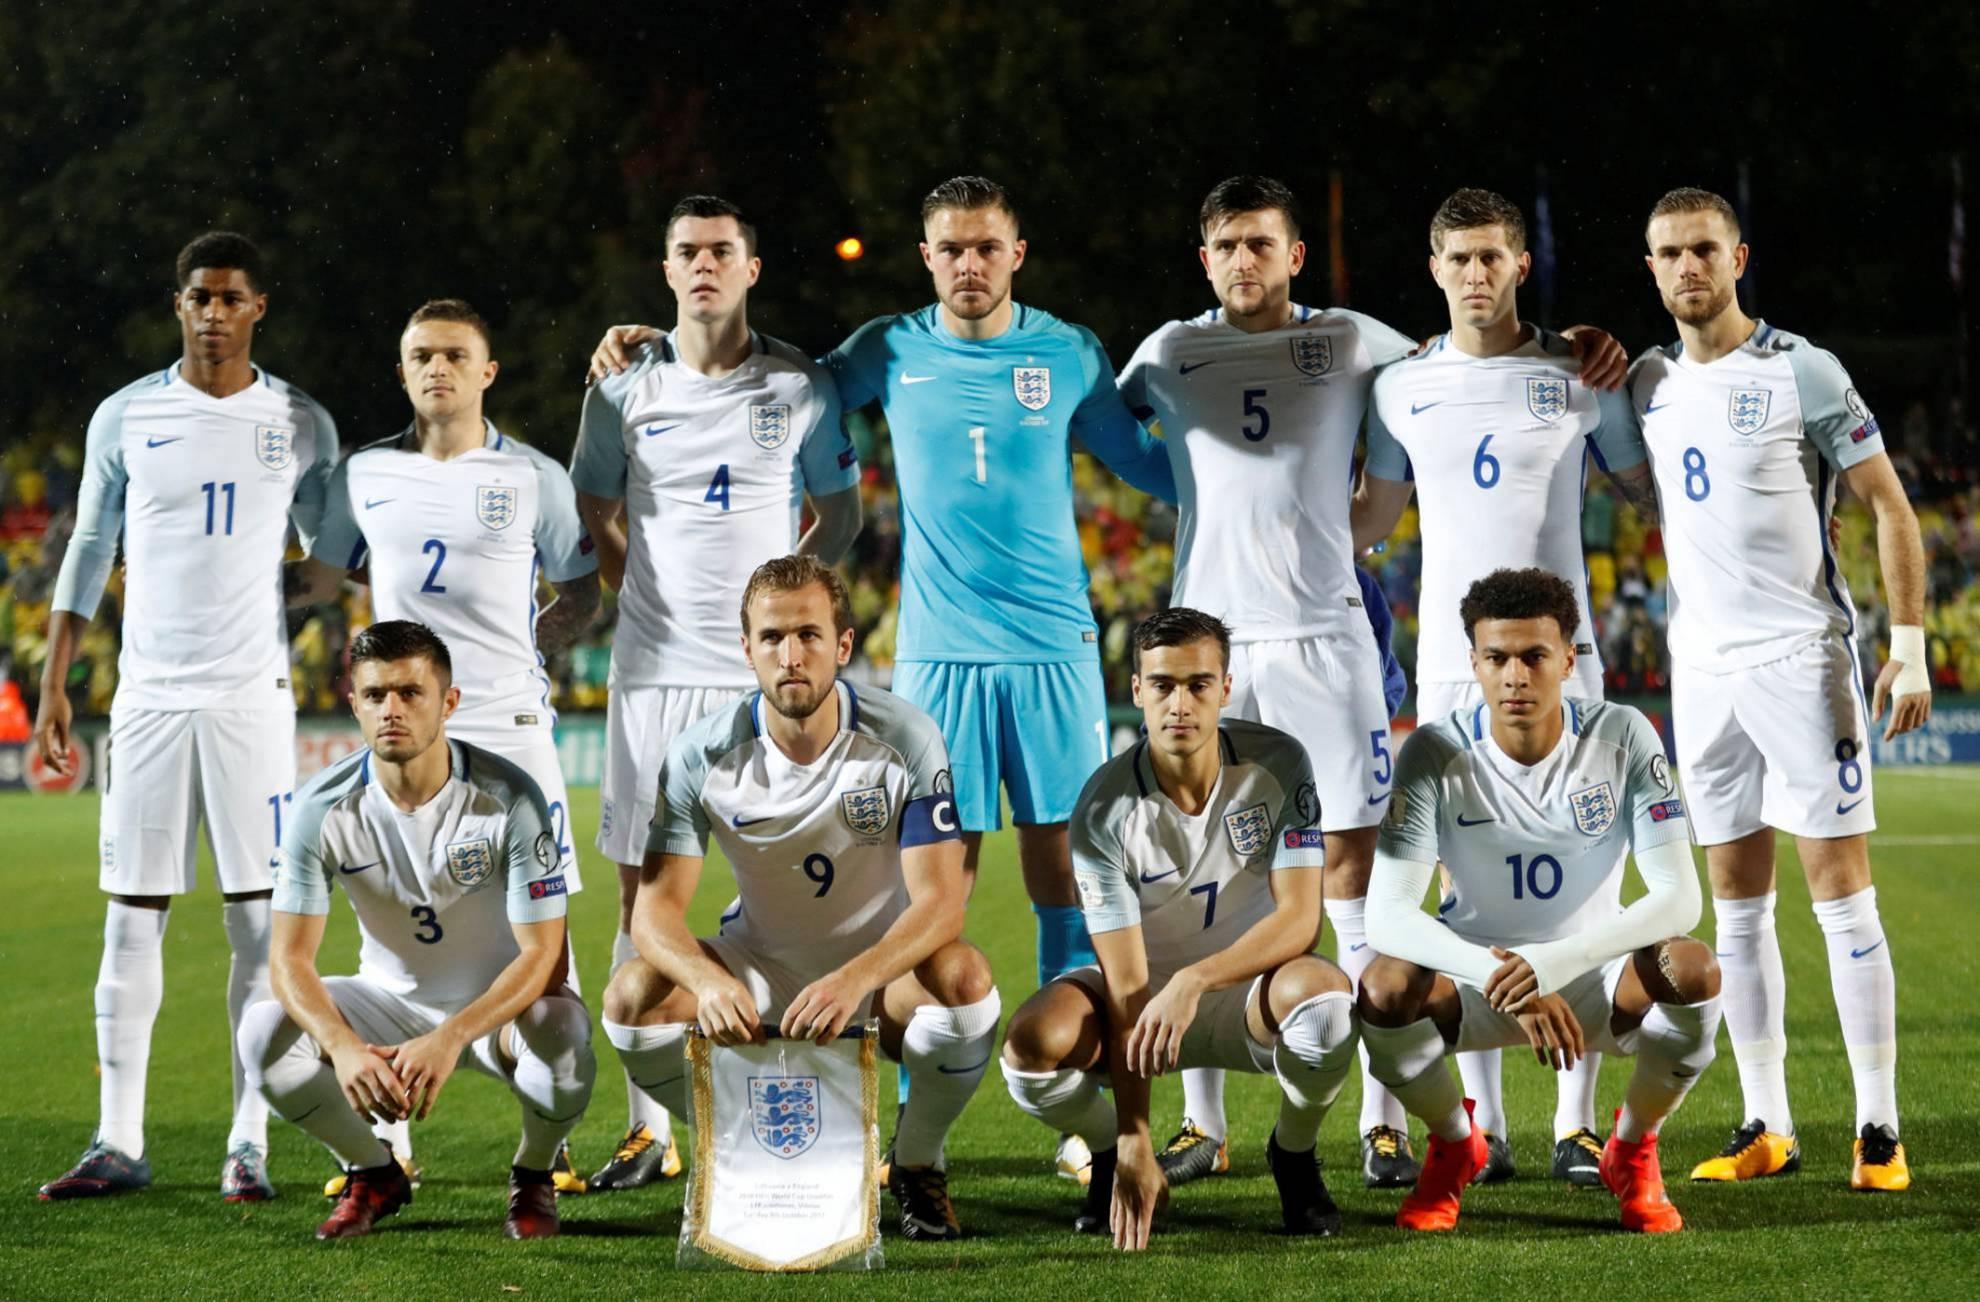 Alineación de Inglaterra en el Mundial 2018: lista y dorsales - AS.com